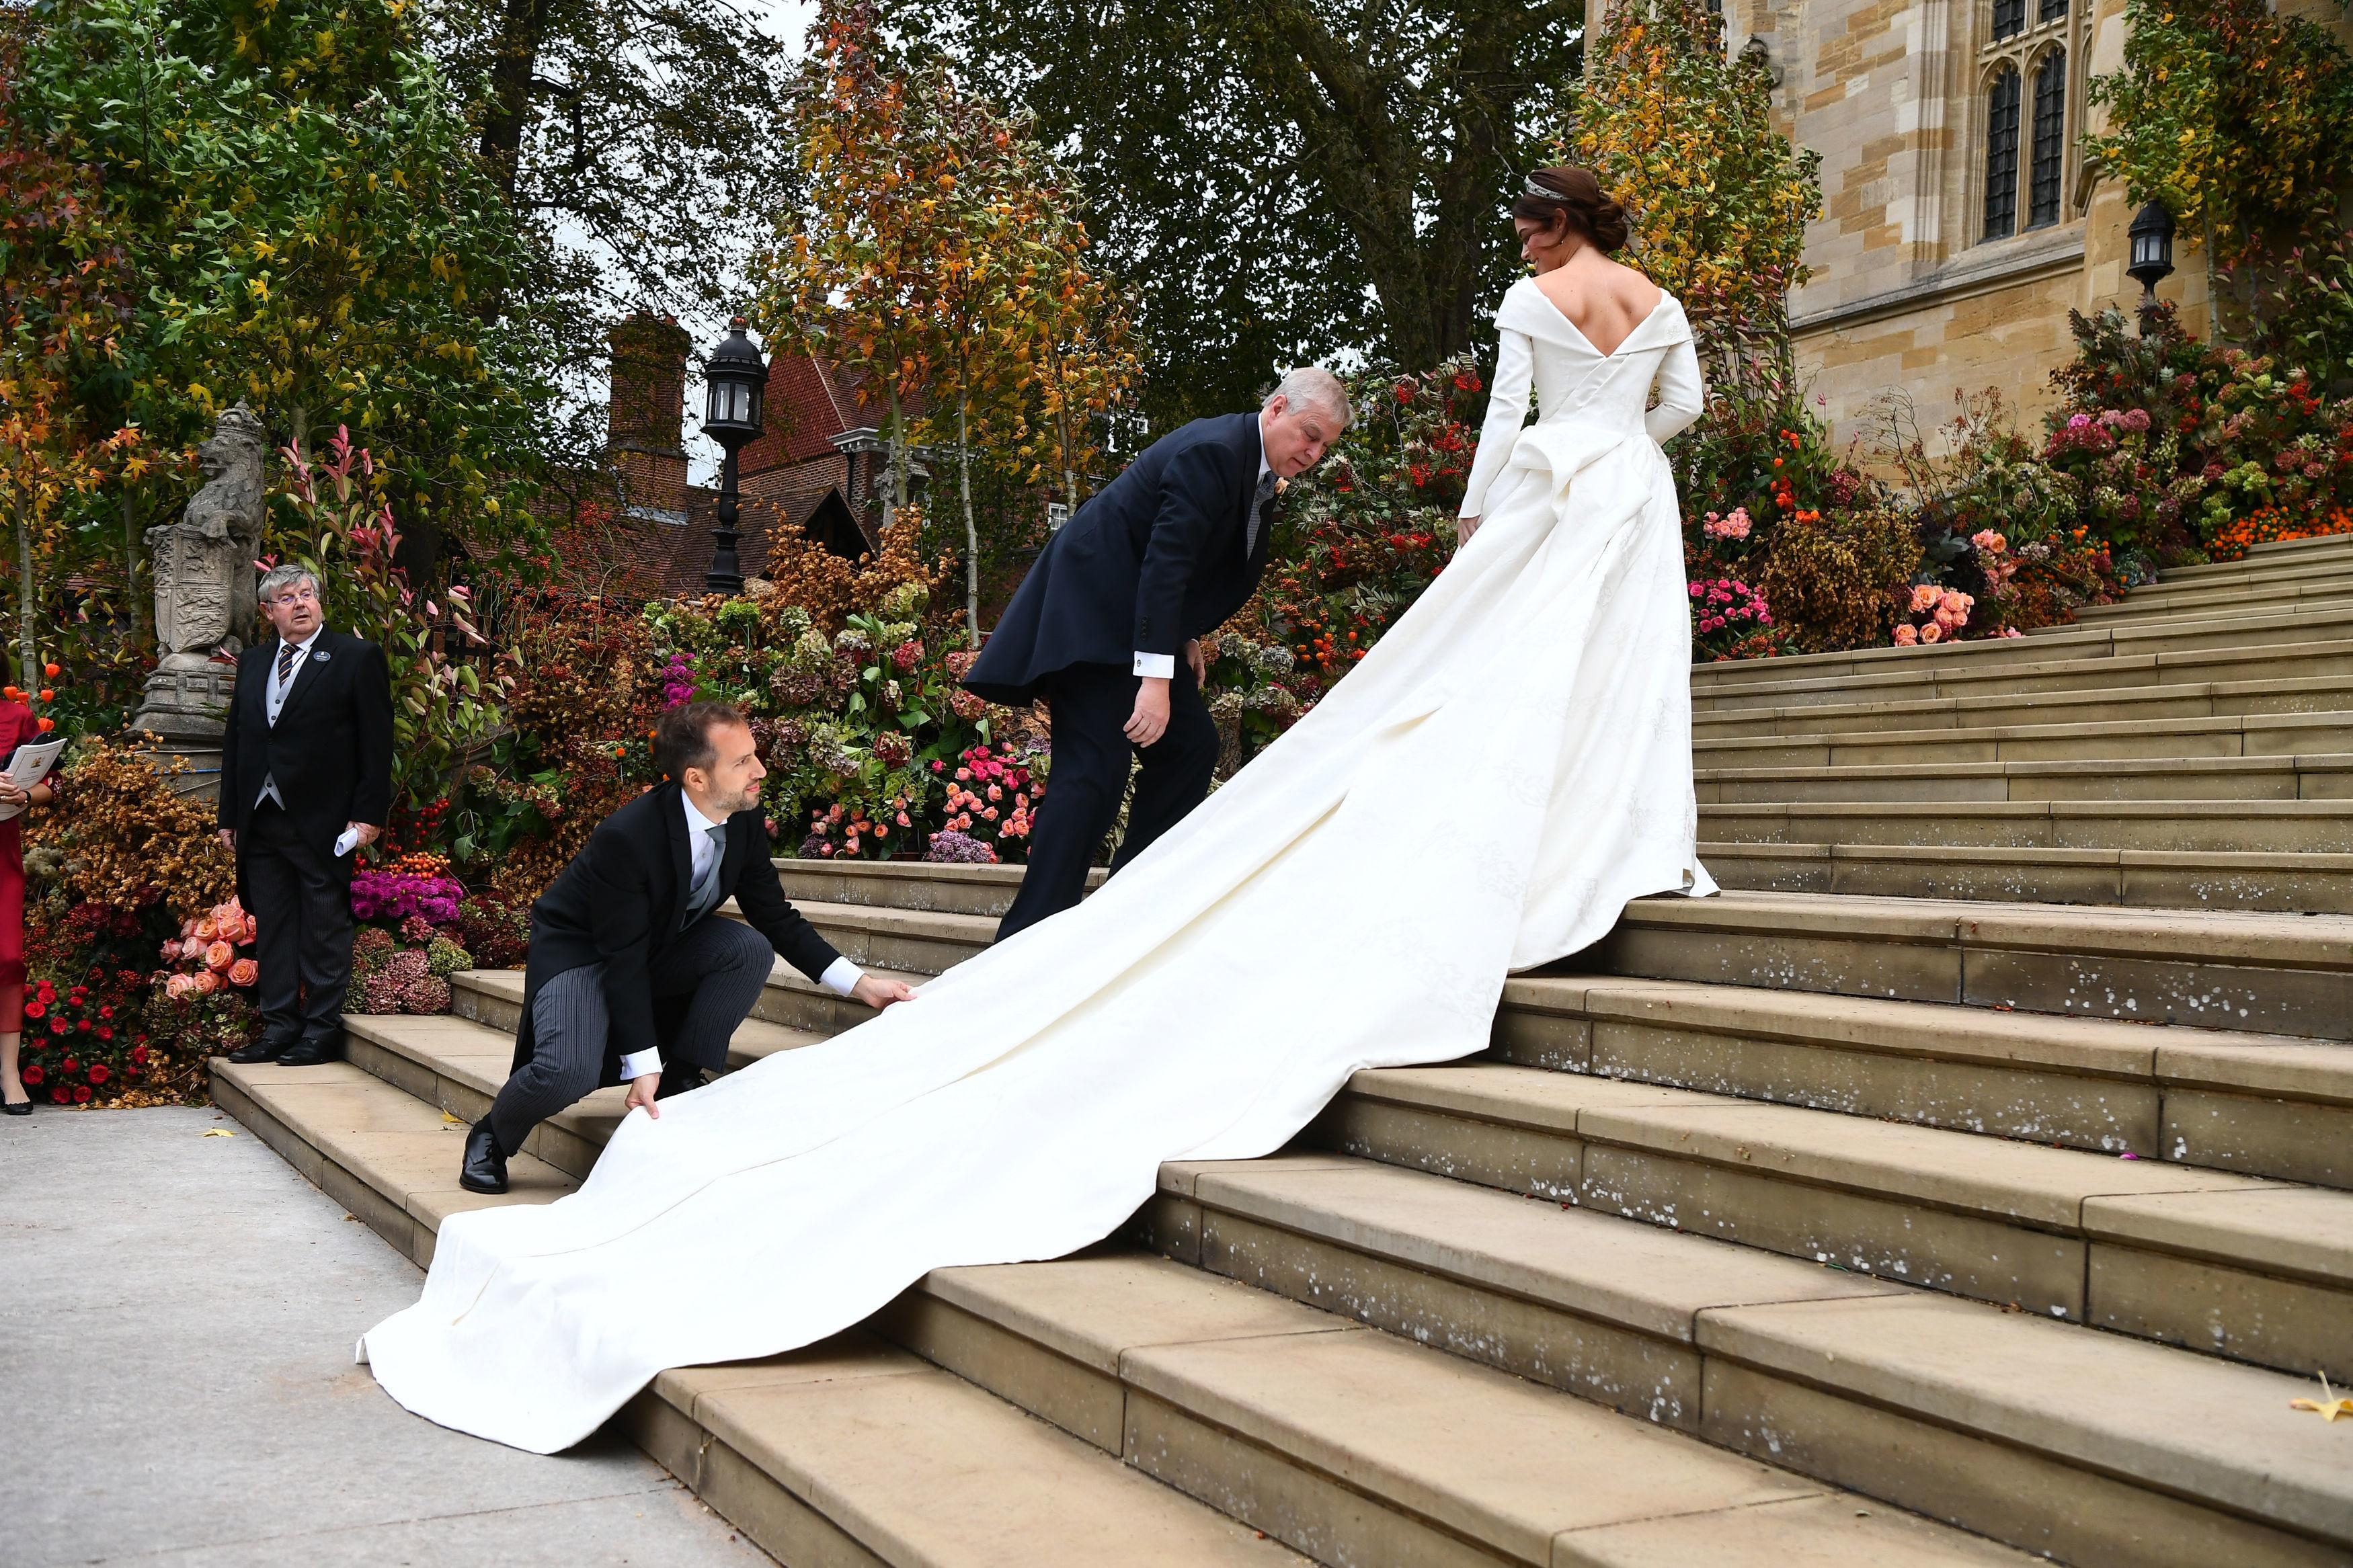 2. Тази година кралското семейство организира не една, а две сватби. В началото на октомври внучката на кралица Елизабет II принцеса Юджини се омъжи за Джак Бруксбанк.Принцеса Юджини носи бяла рокля с деколте и шлейф, тиара със зелени камъни и обеци в тон, но без воал.